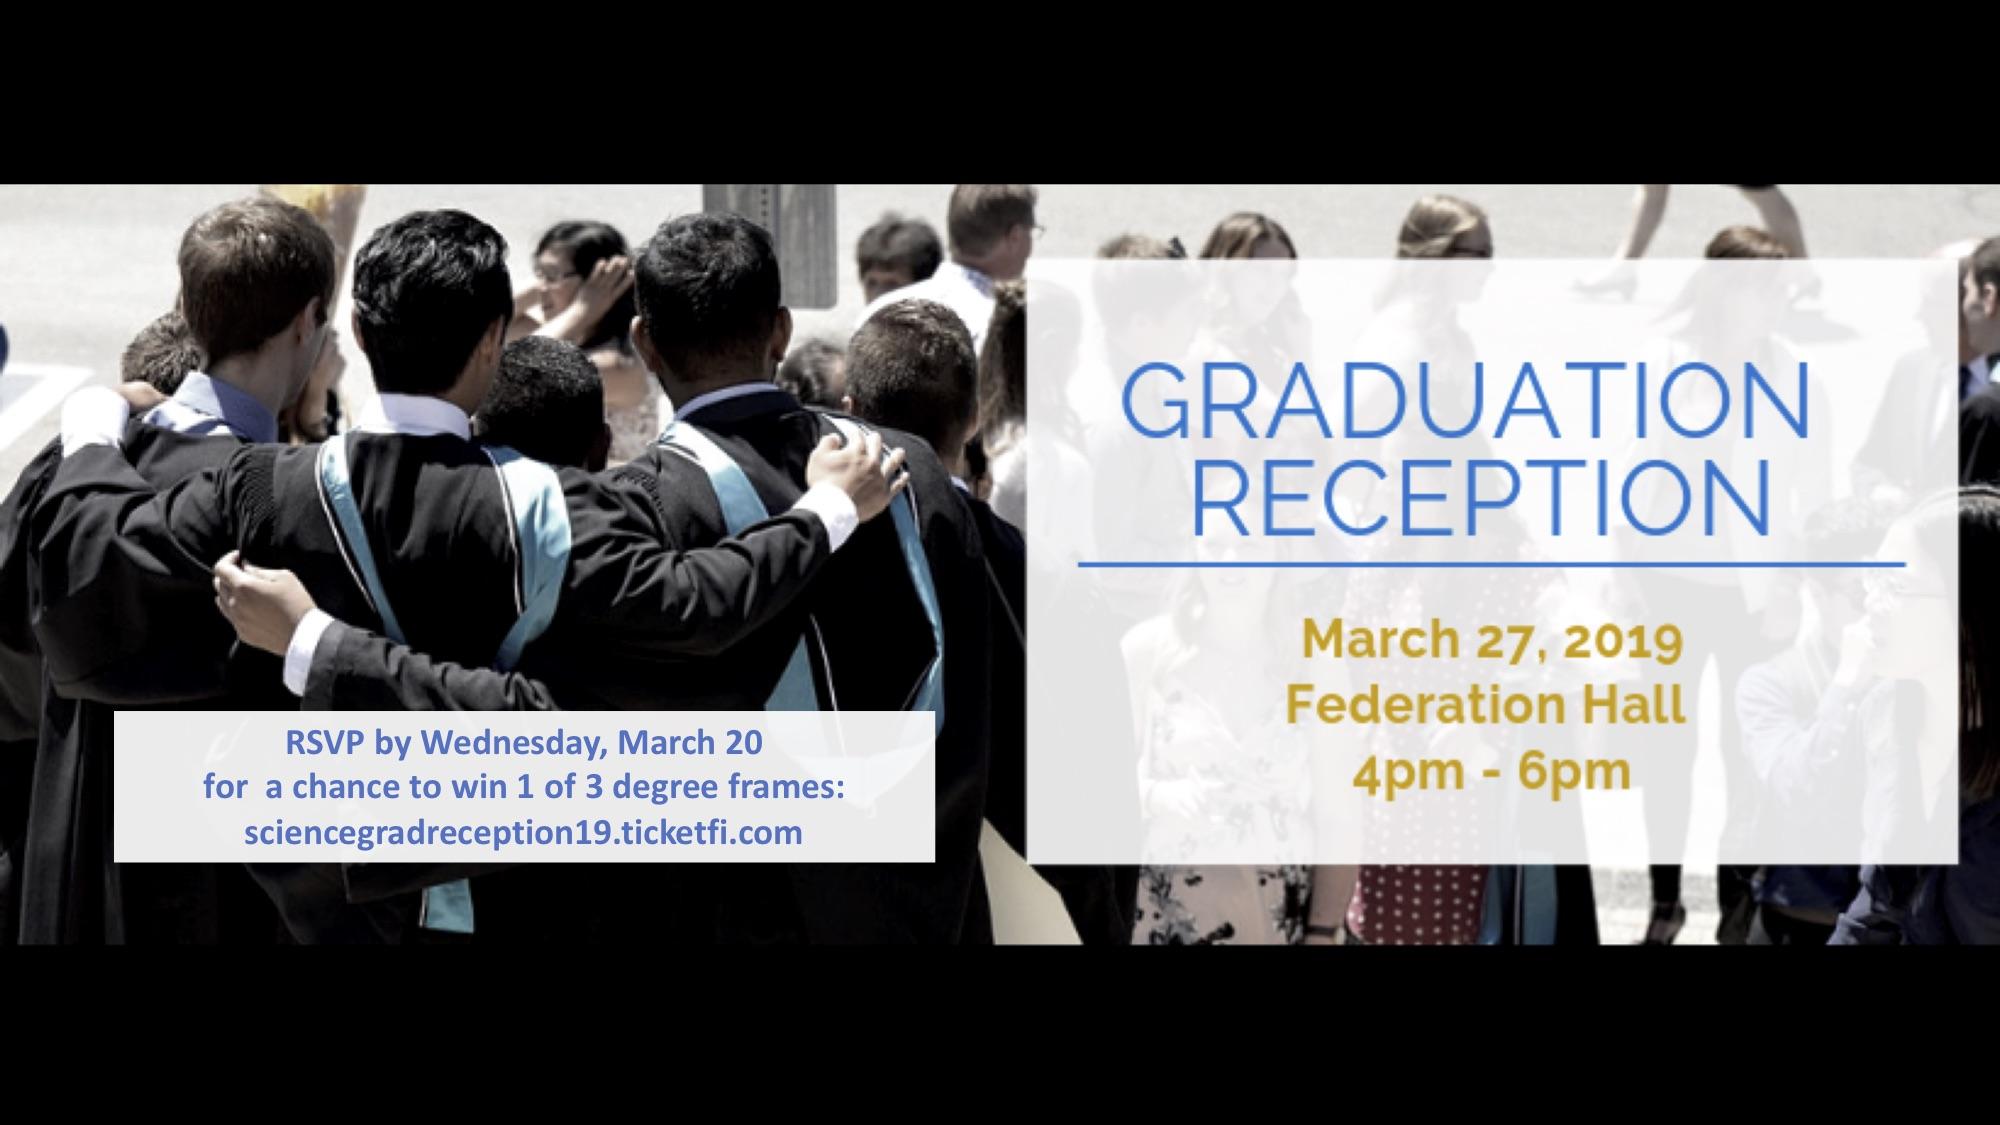 Graduation Reception March 27, 2019 Federation Hall 4-6 pm